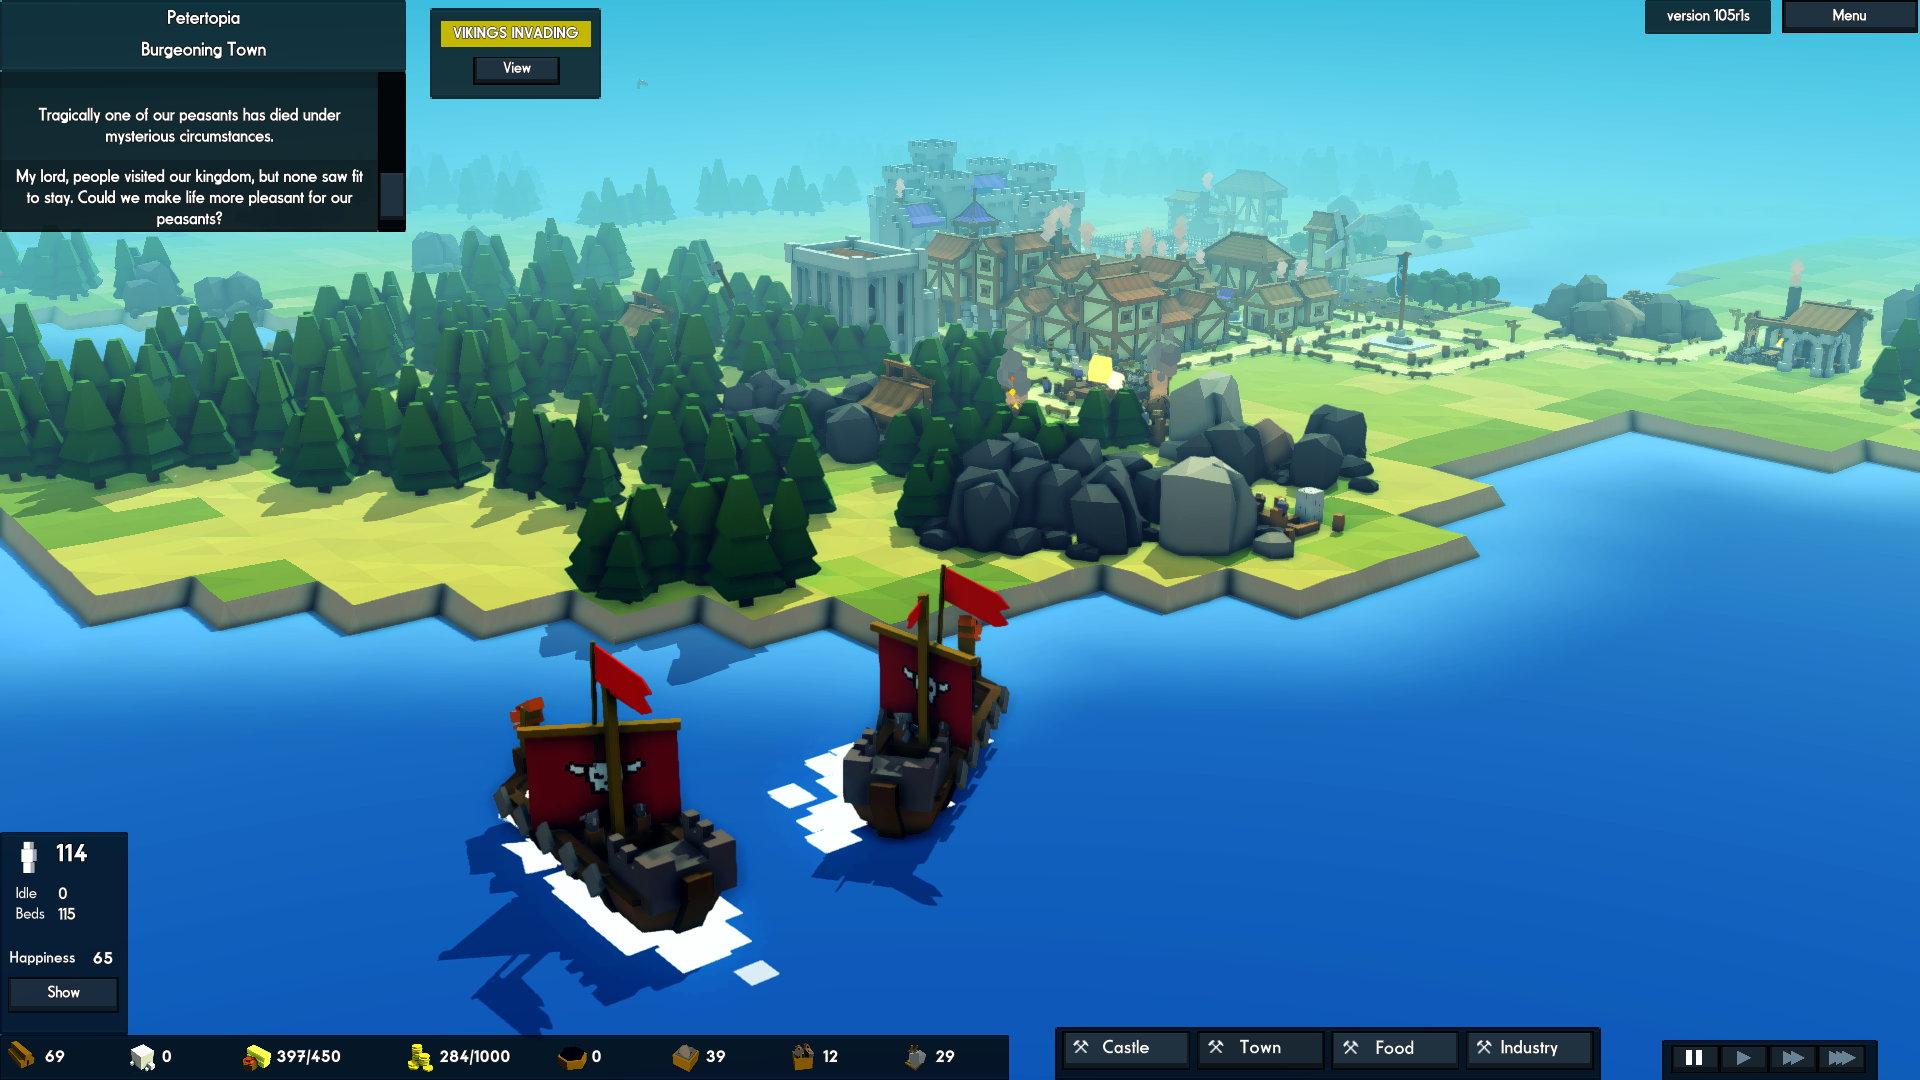 Les bateaux sont réservés aux Vikings qui viennent régulièrement se faire étriper par l'armée locale. C'est dommage, j'aurais bien voulu en construire et explorer au-delà de la minuscule île de départ.